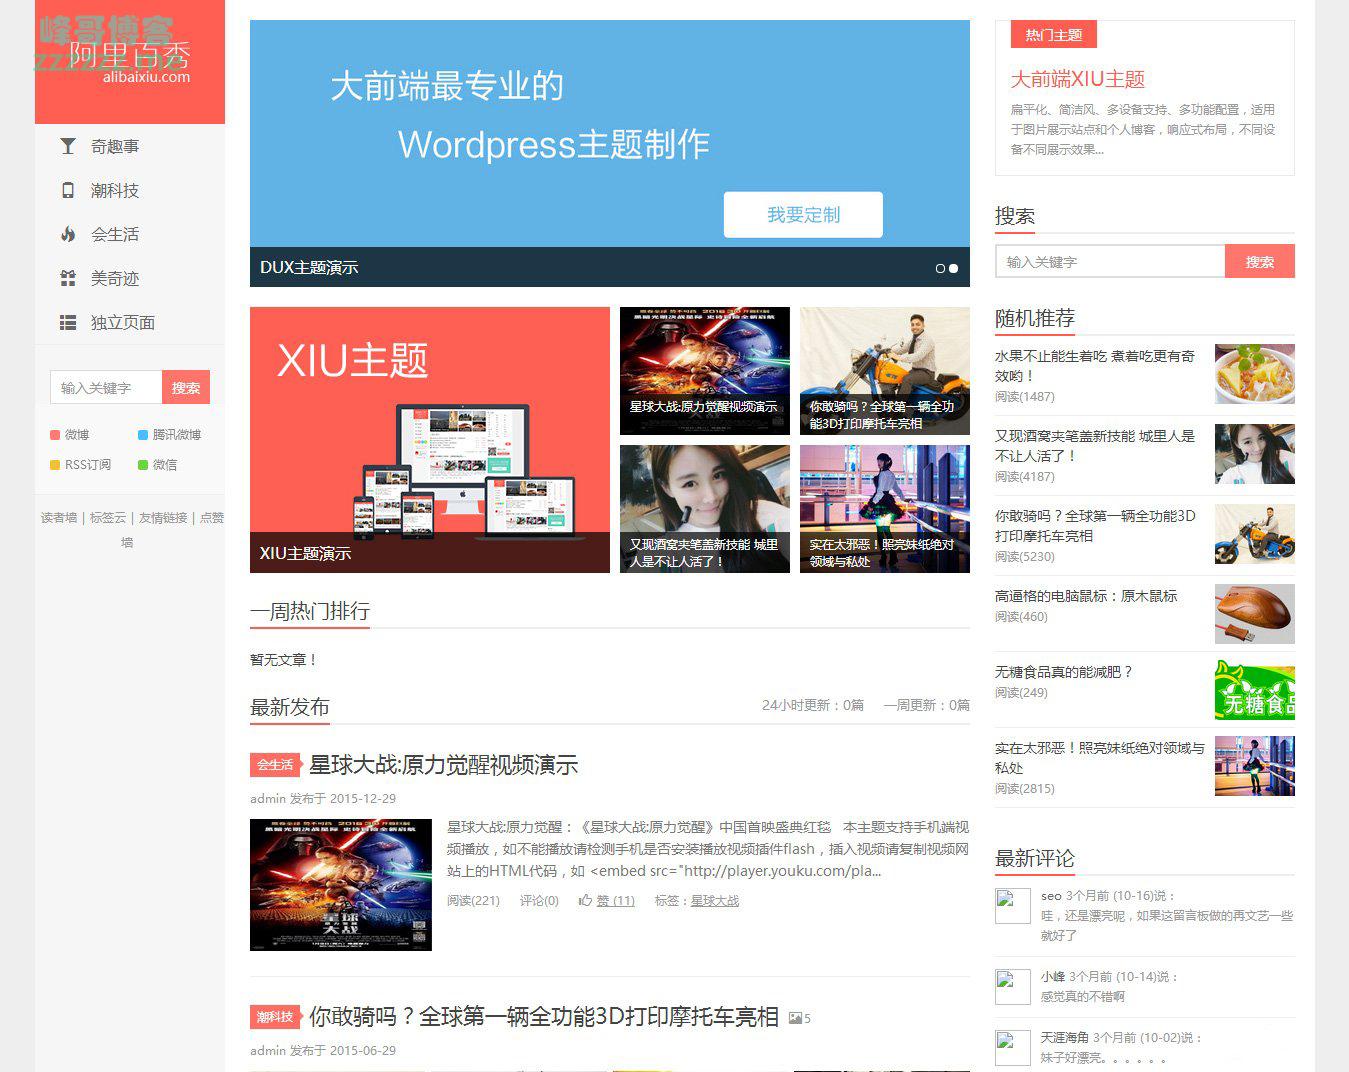 分享一个WordPress的大前端主题 阿里百秀Xiu主题6.0